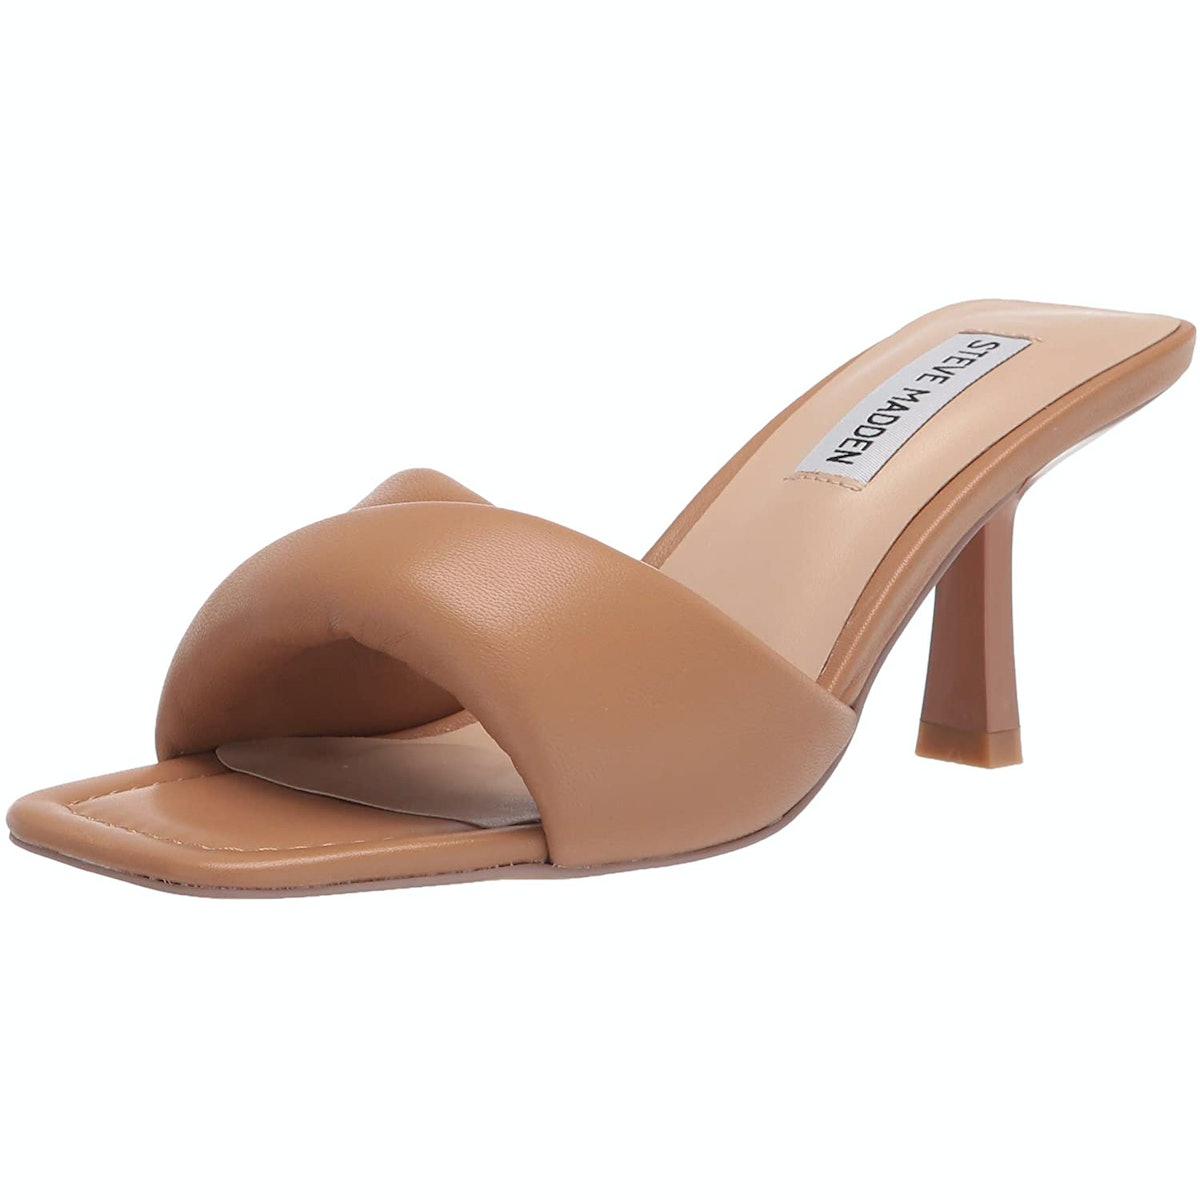 Steve Madden Kitten Heel Sandals